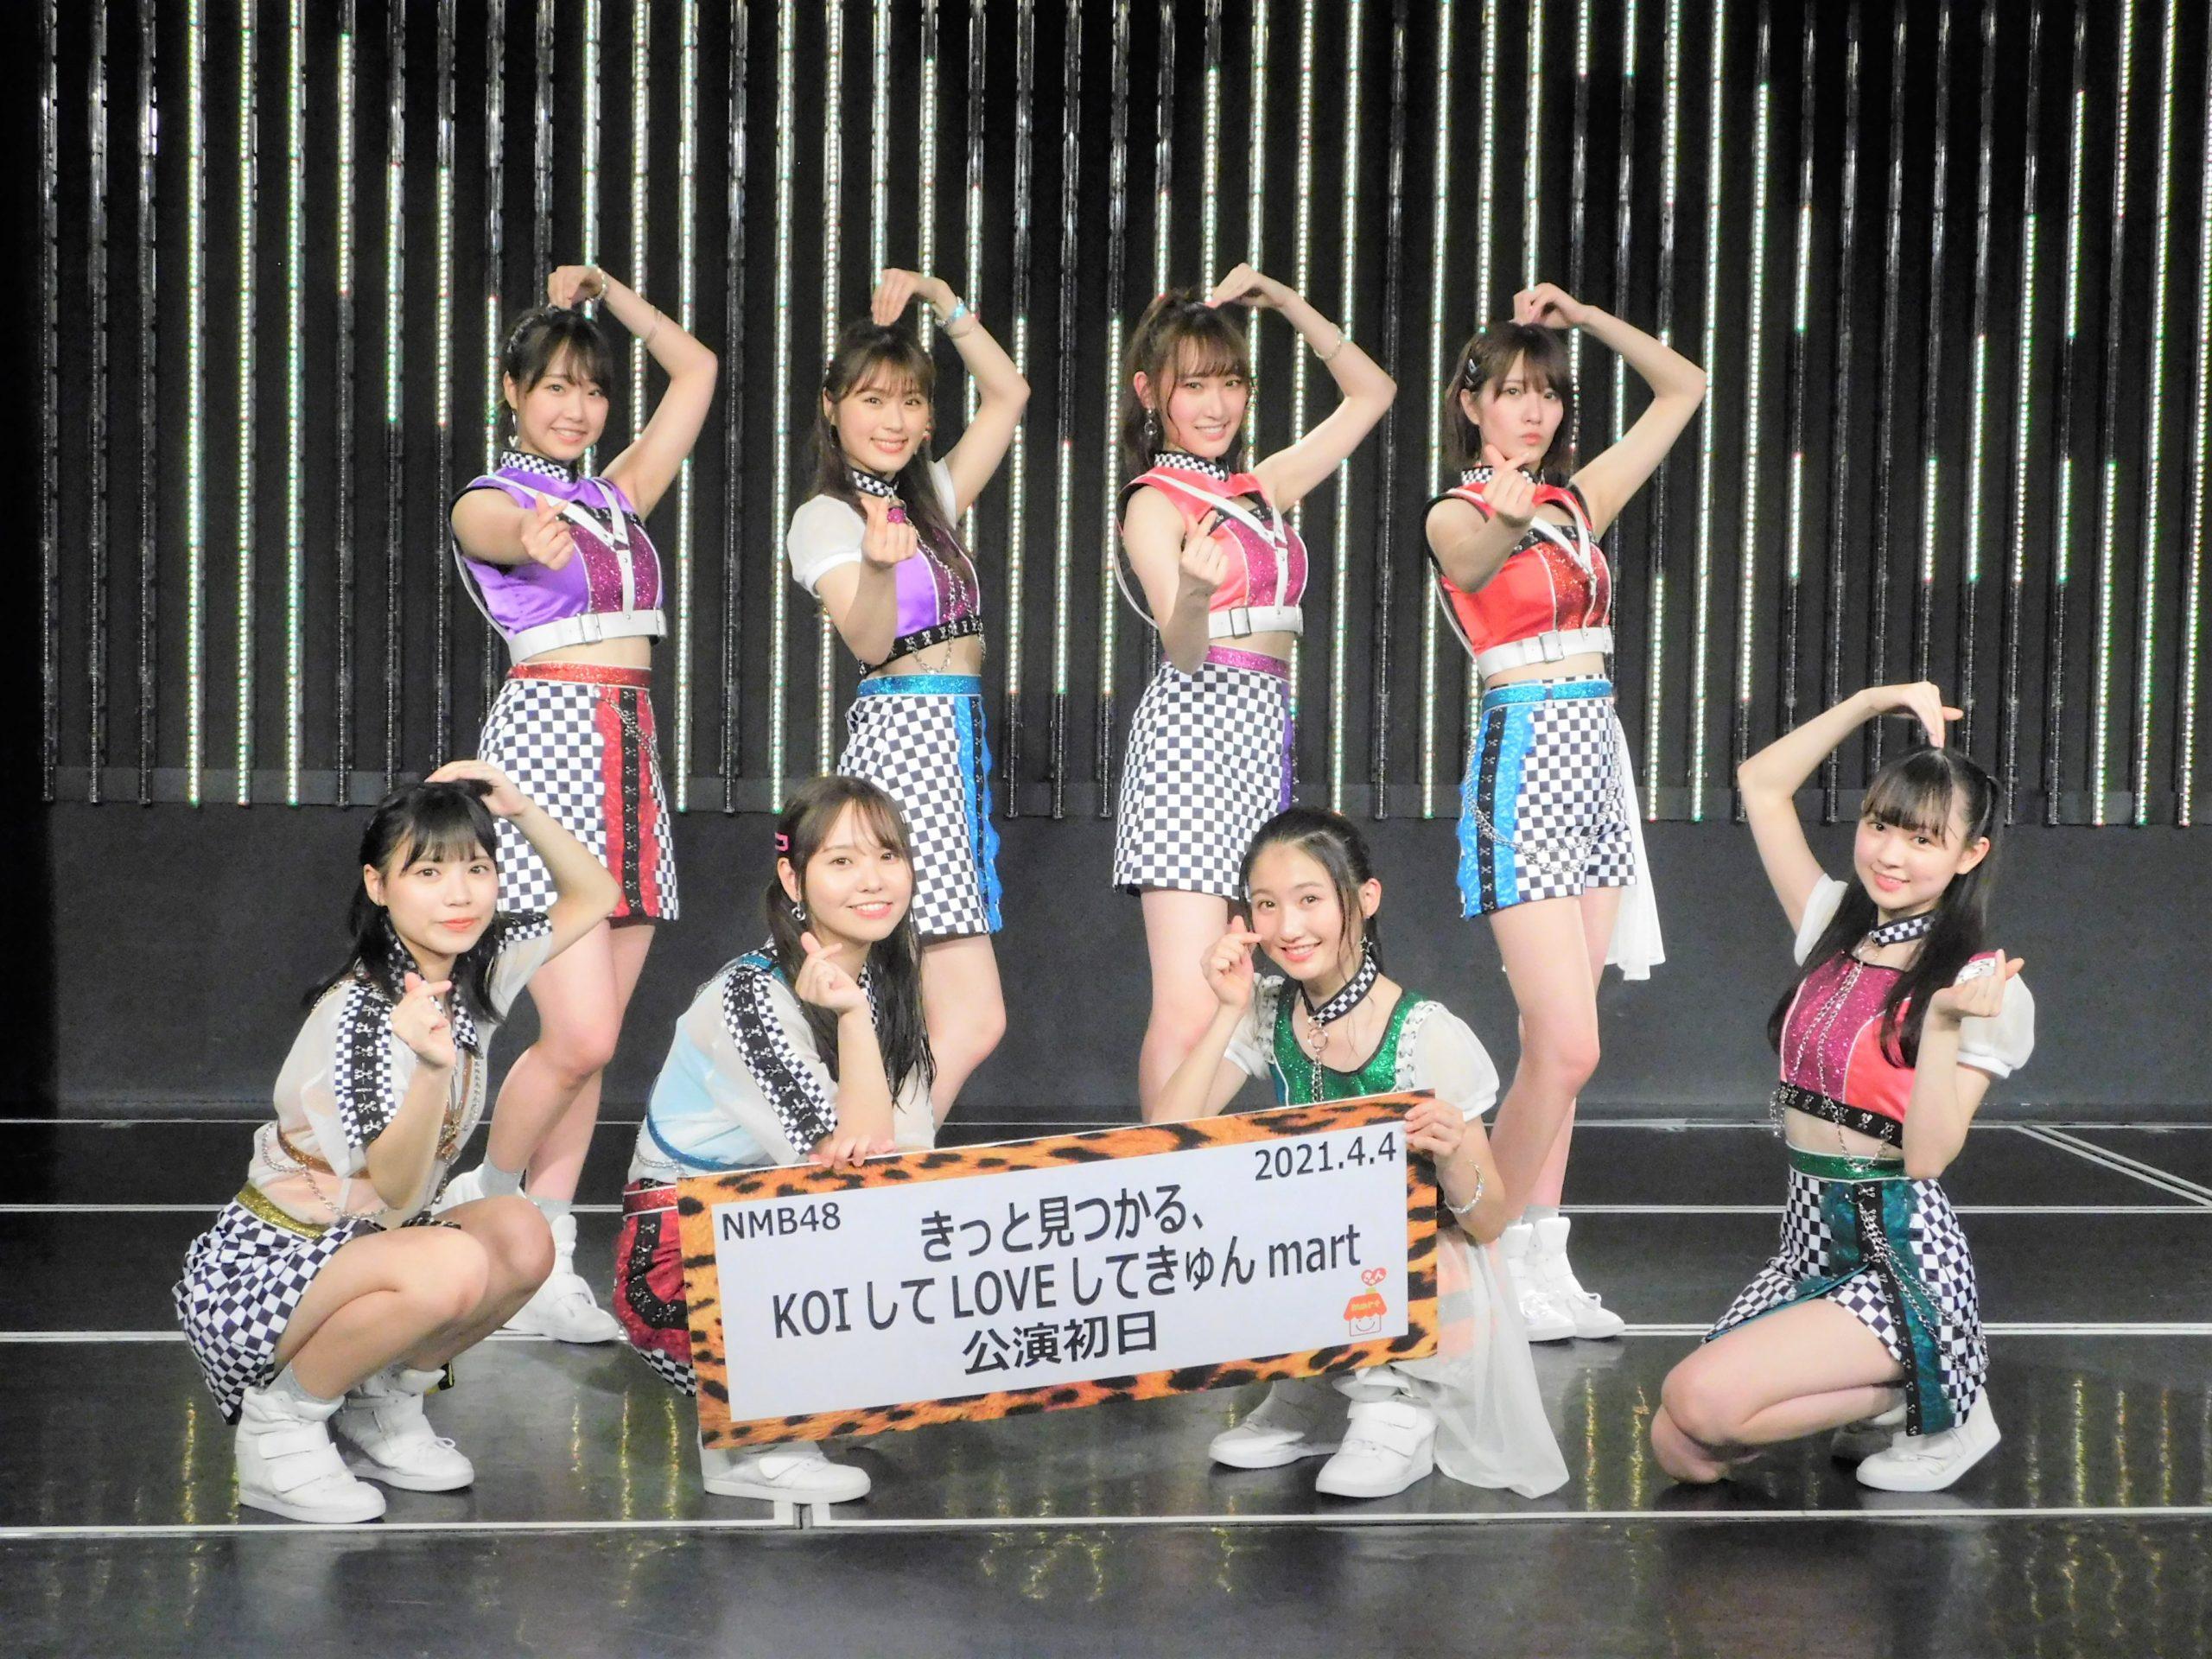 【NMB48】きゅんmart『きっと見つかる、KOIしてLOVEしてきゅんmart』公演セットリスト